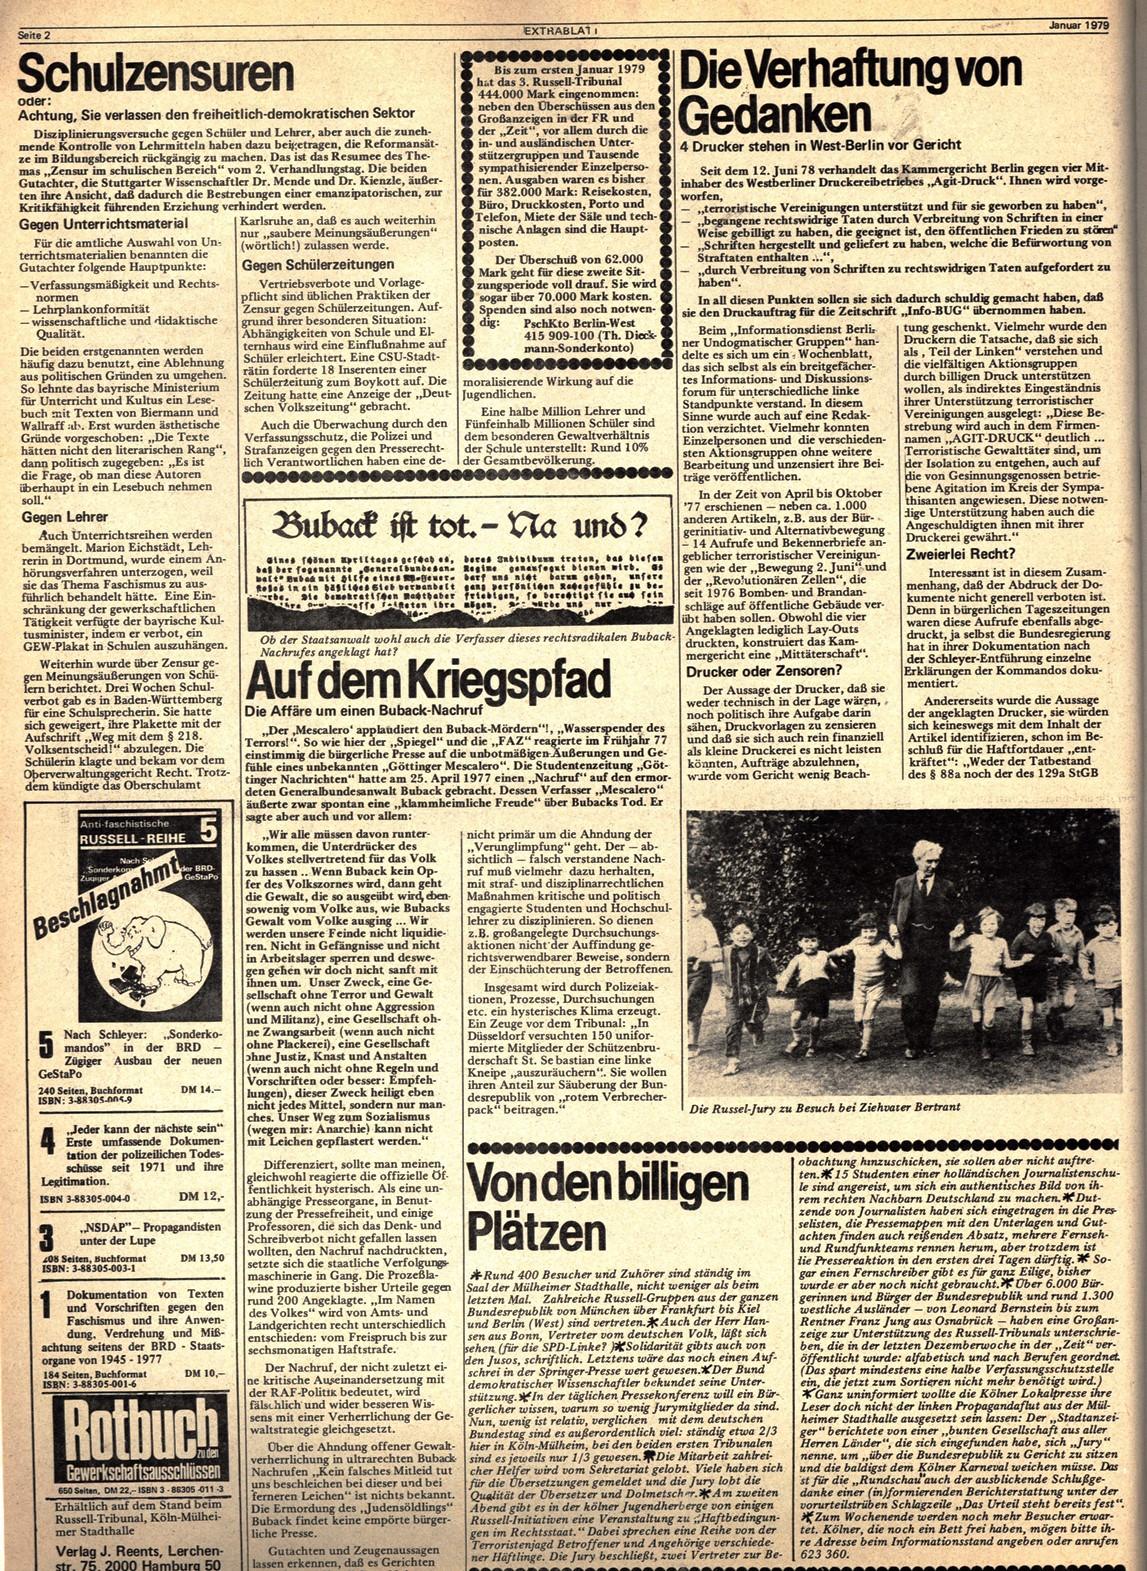 Bonner_Volksblatt_Extra_19790103_02